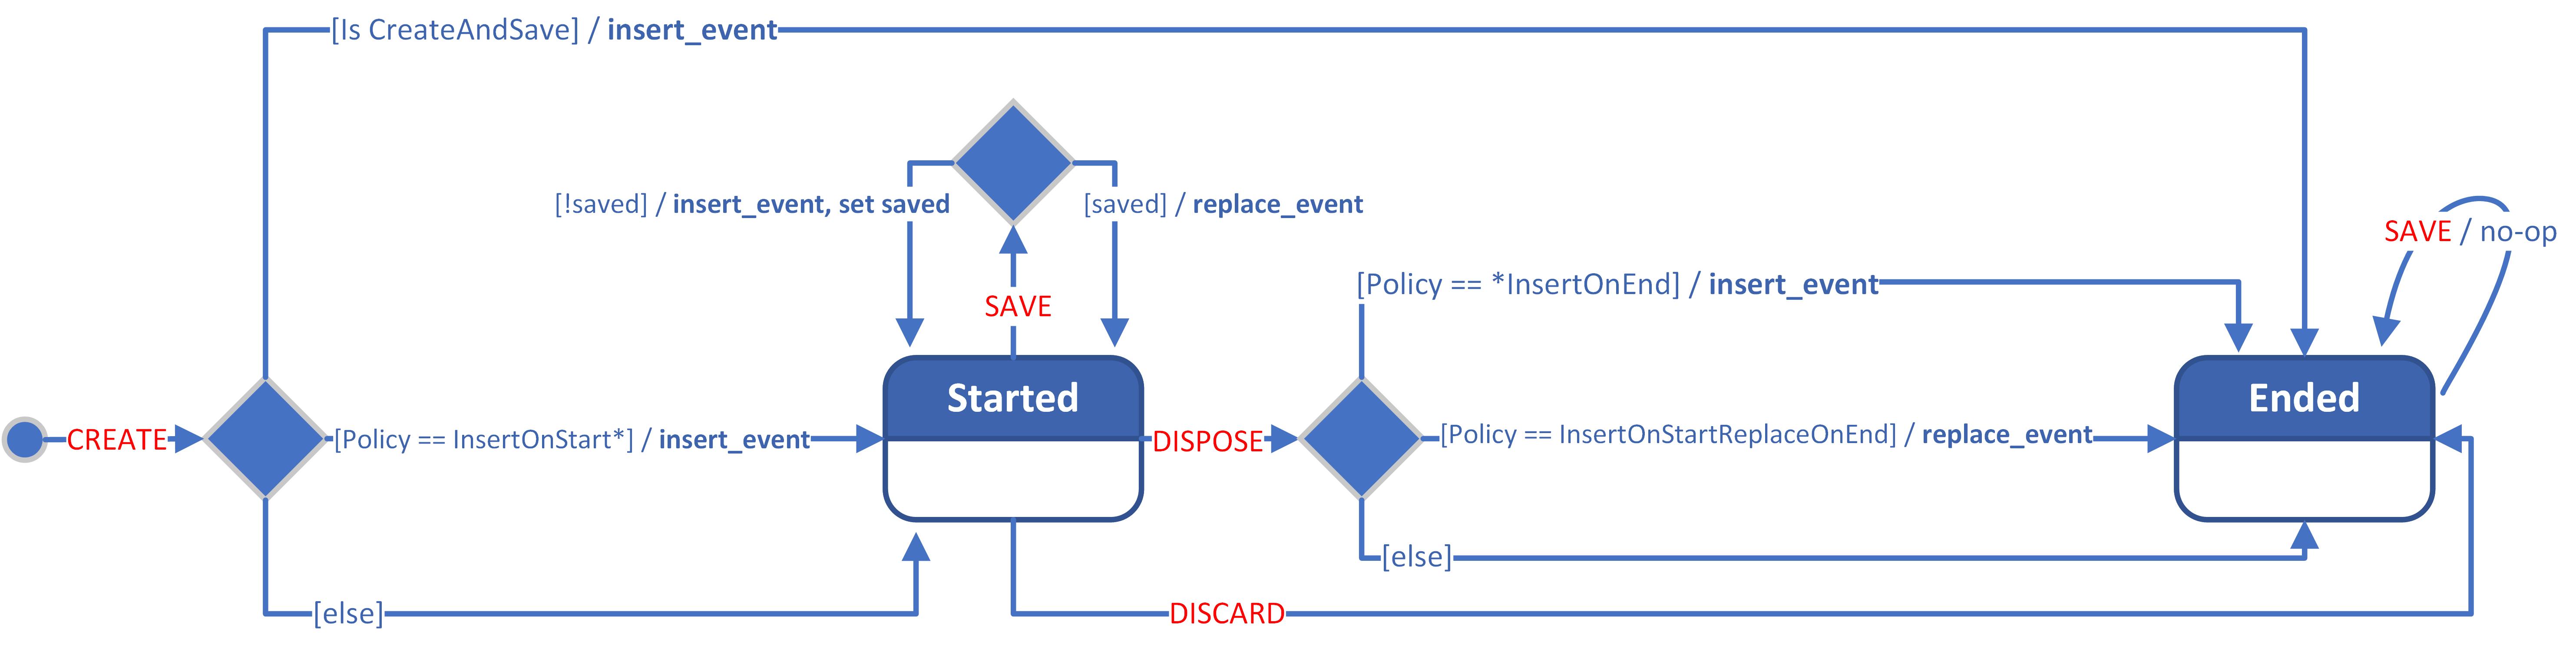 AuditScope statecart